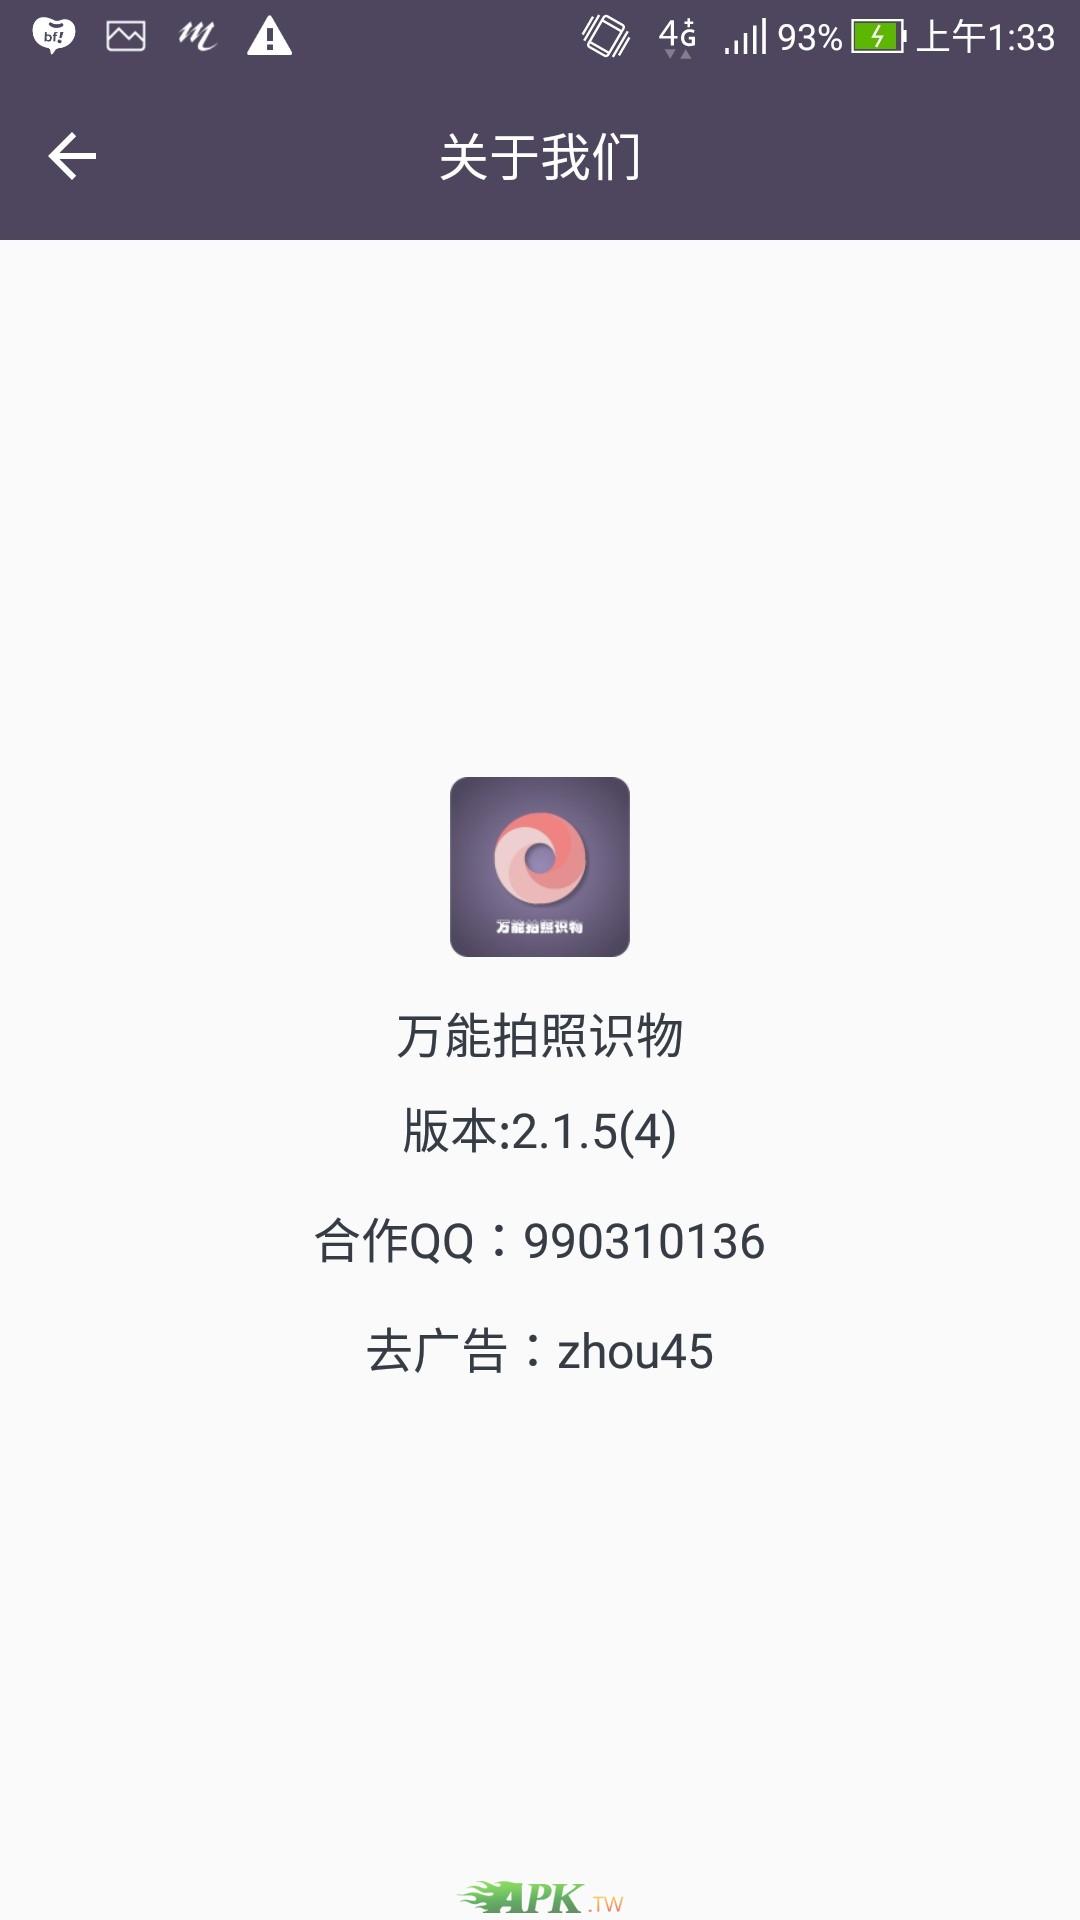 Screenshot_20181109-013333.jpg